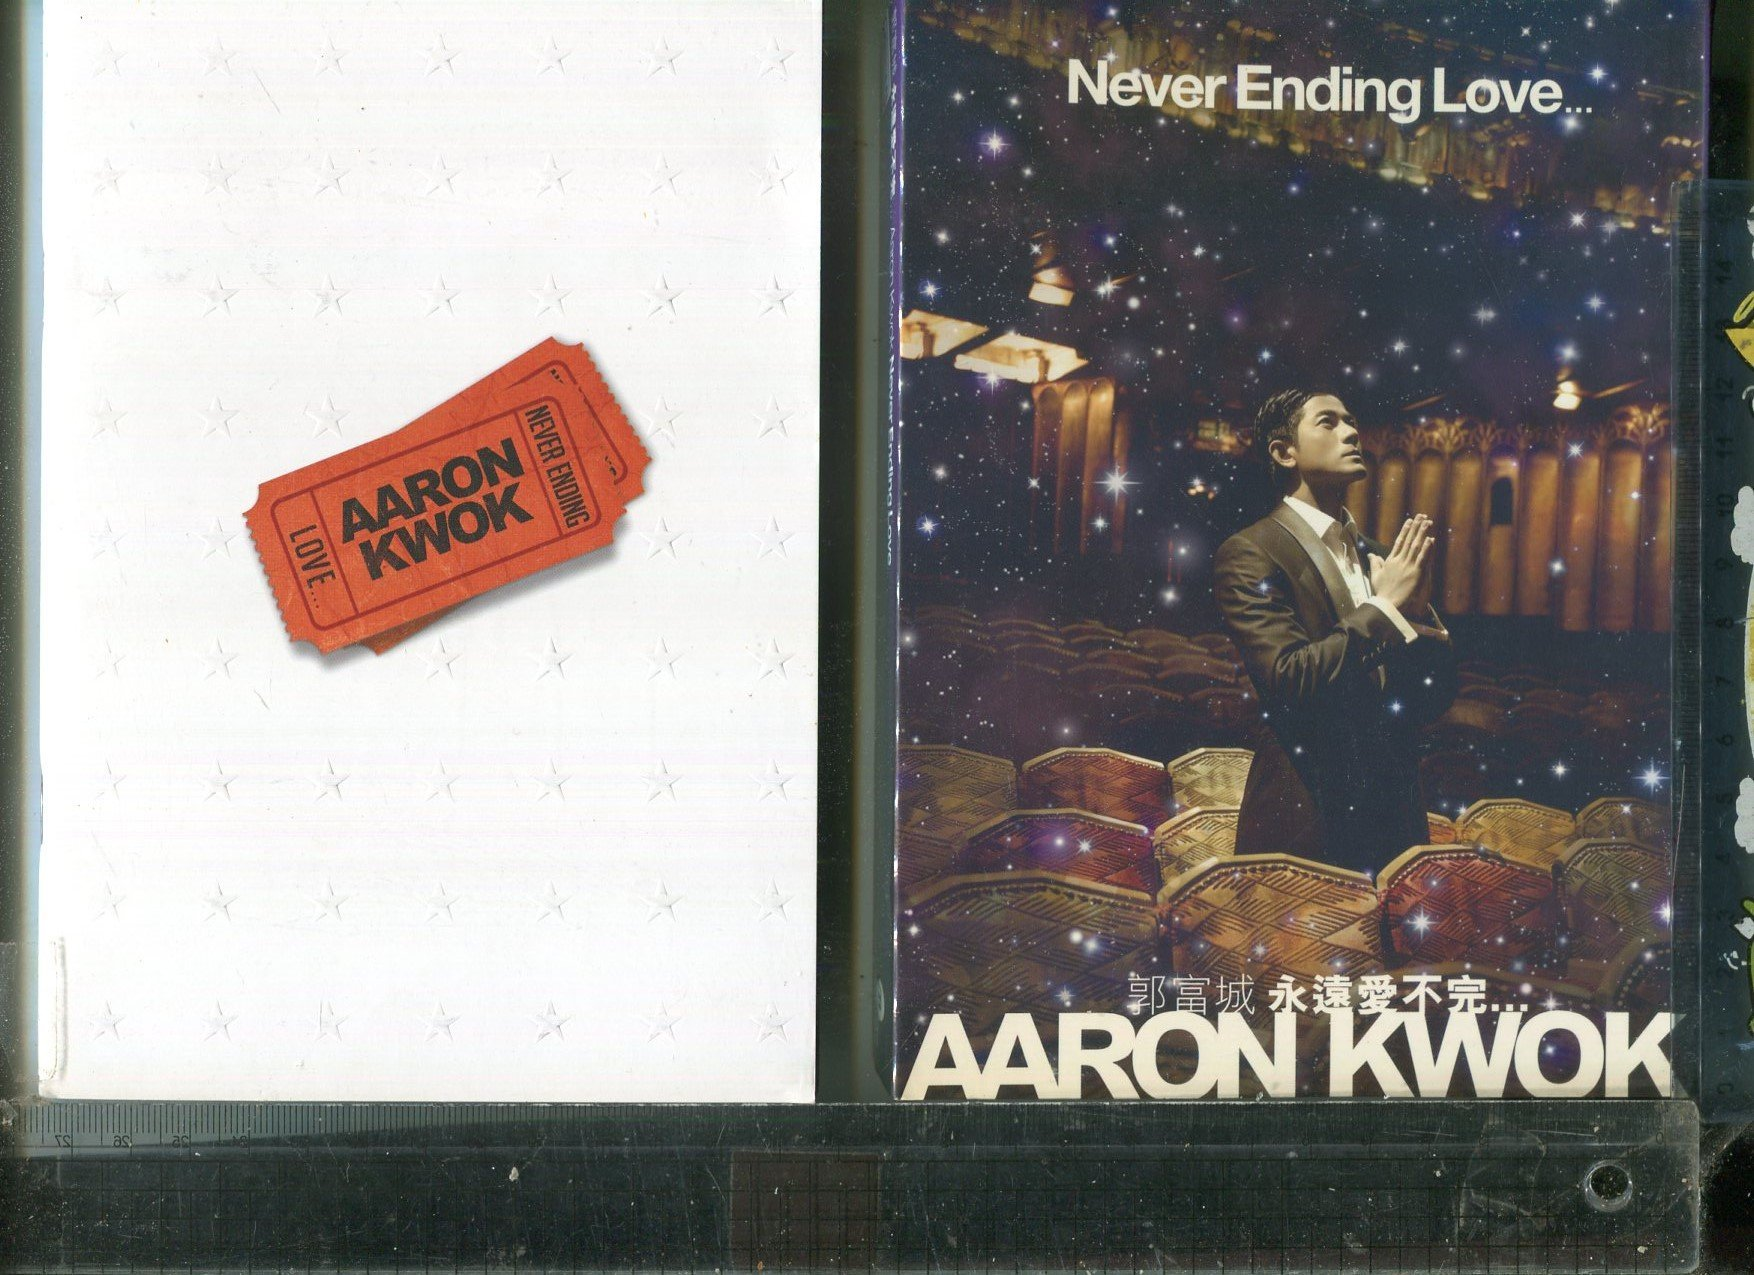 郭富城  (永遠愛不完...Never Ending Love...) 大國文化 CD+寫真歌詞本  2010